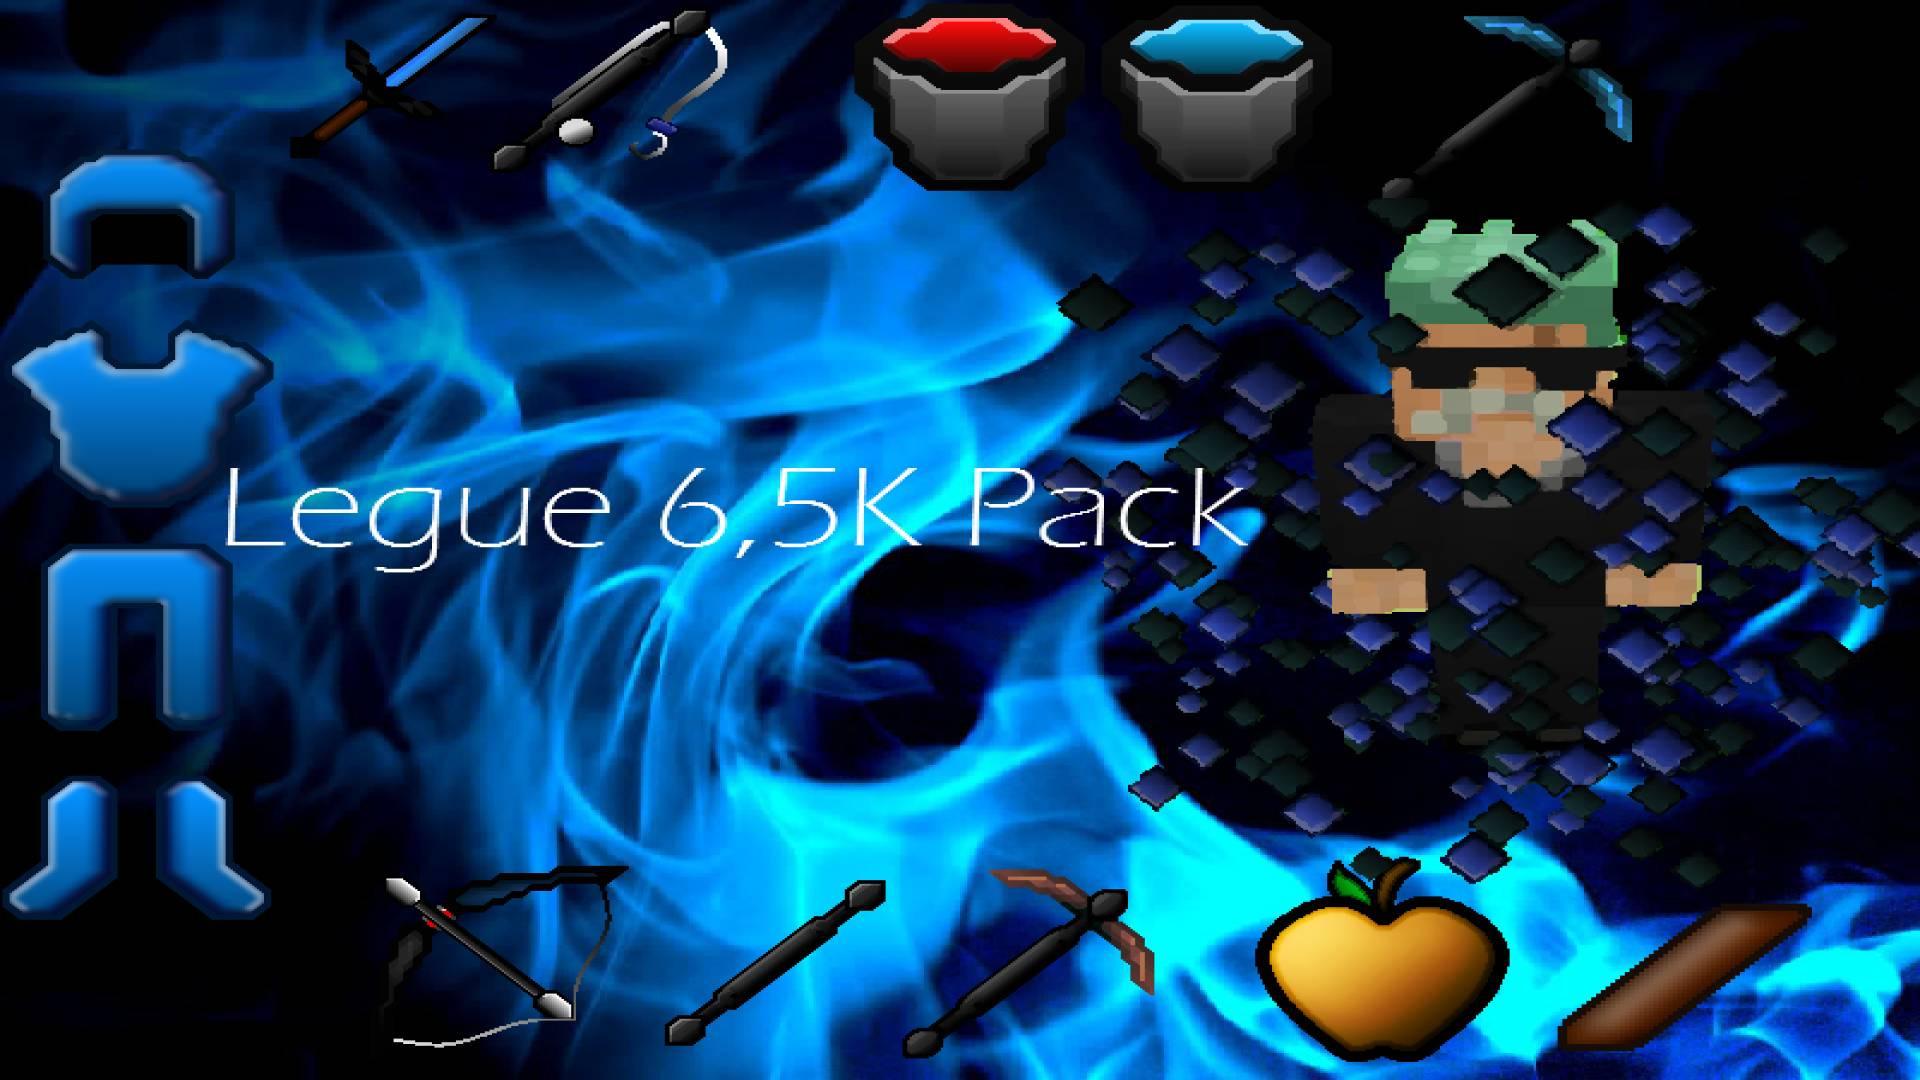 Legue 6,5K PACK